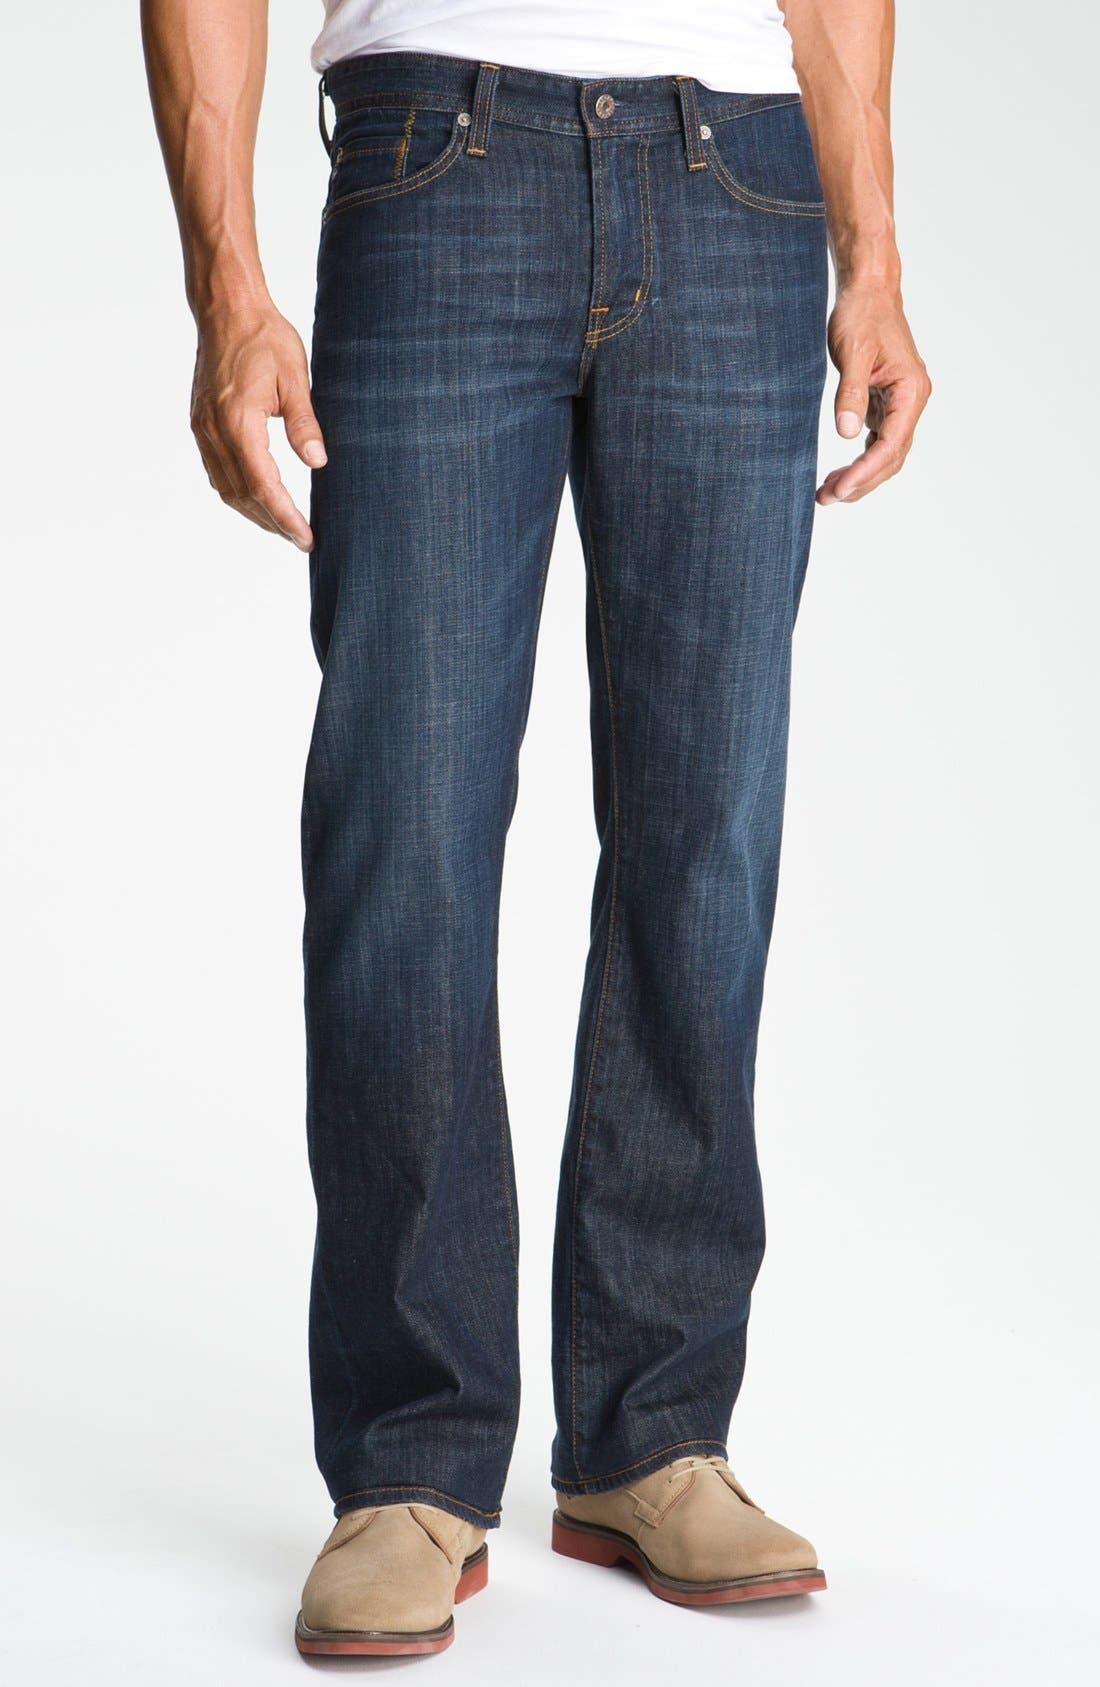 Protégé Straight Leg Jeans,                             Main thumbnail 1, color,                             HUNTS WASH